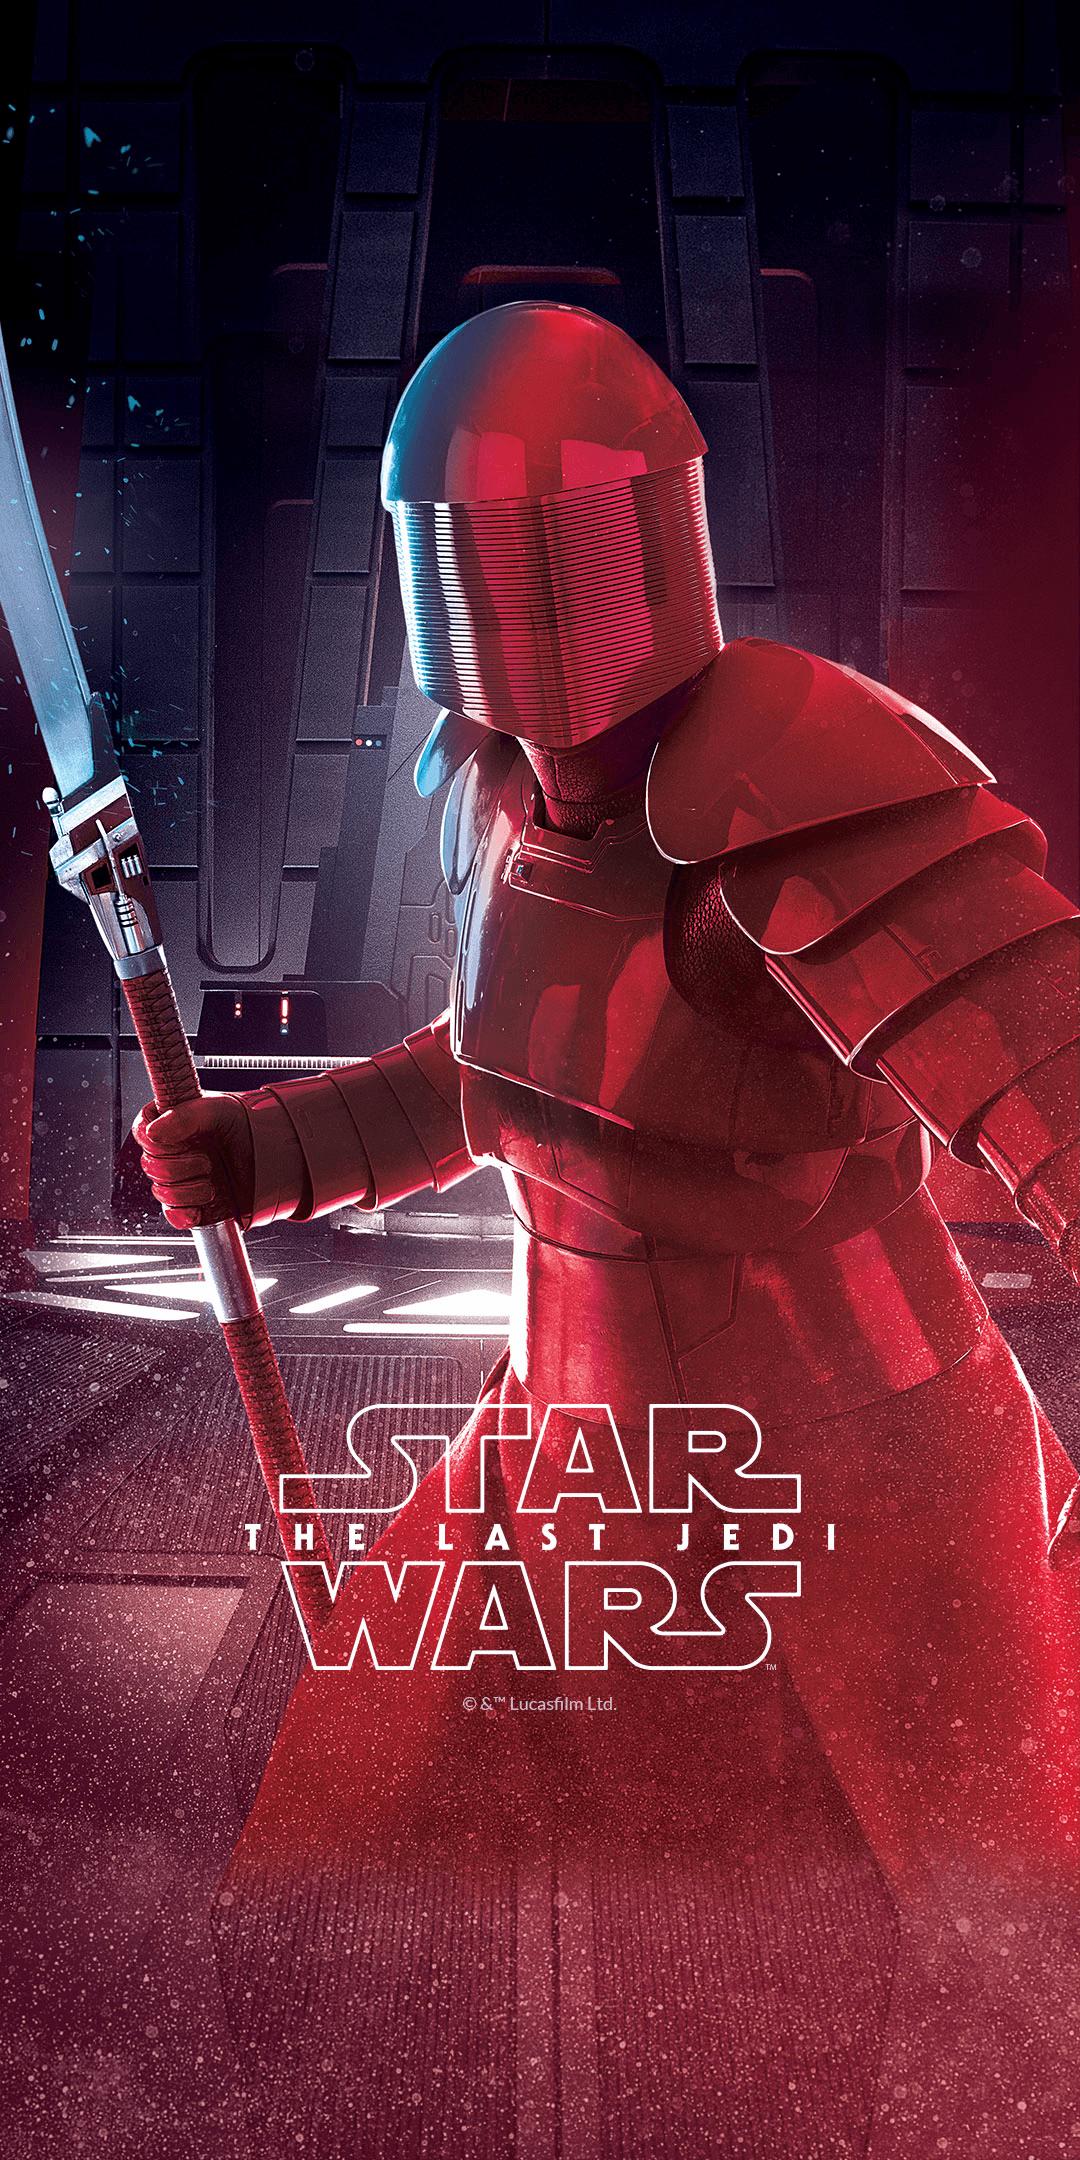 The Last Jedi Star Wars Wallpapers Top Free The Last Jedi Star